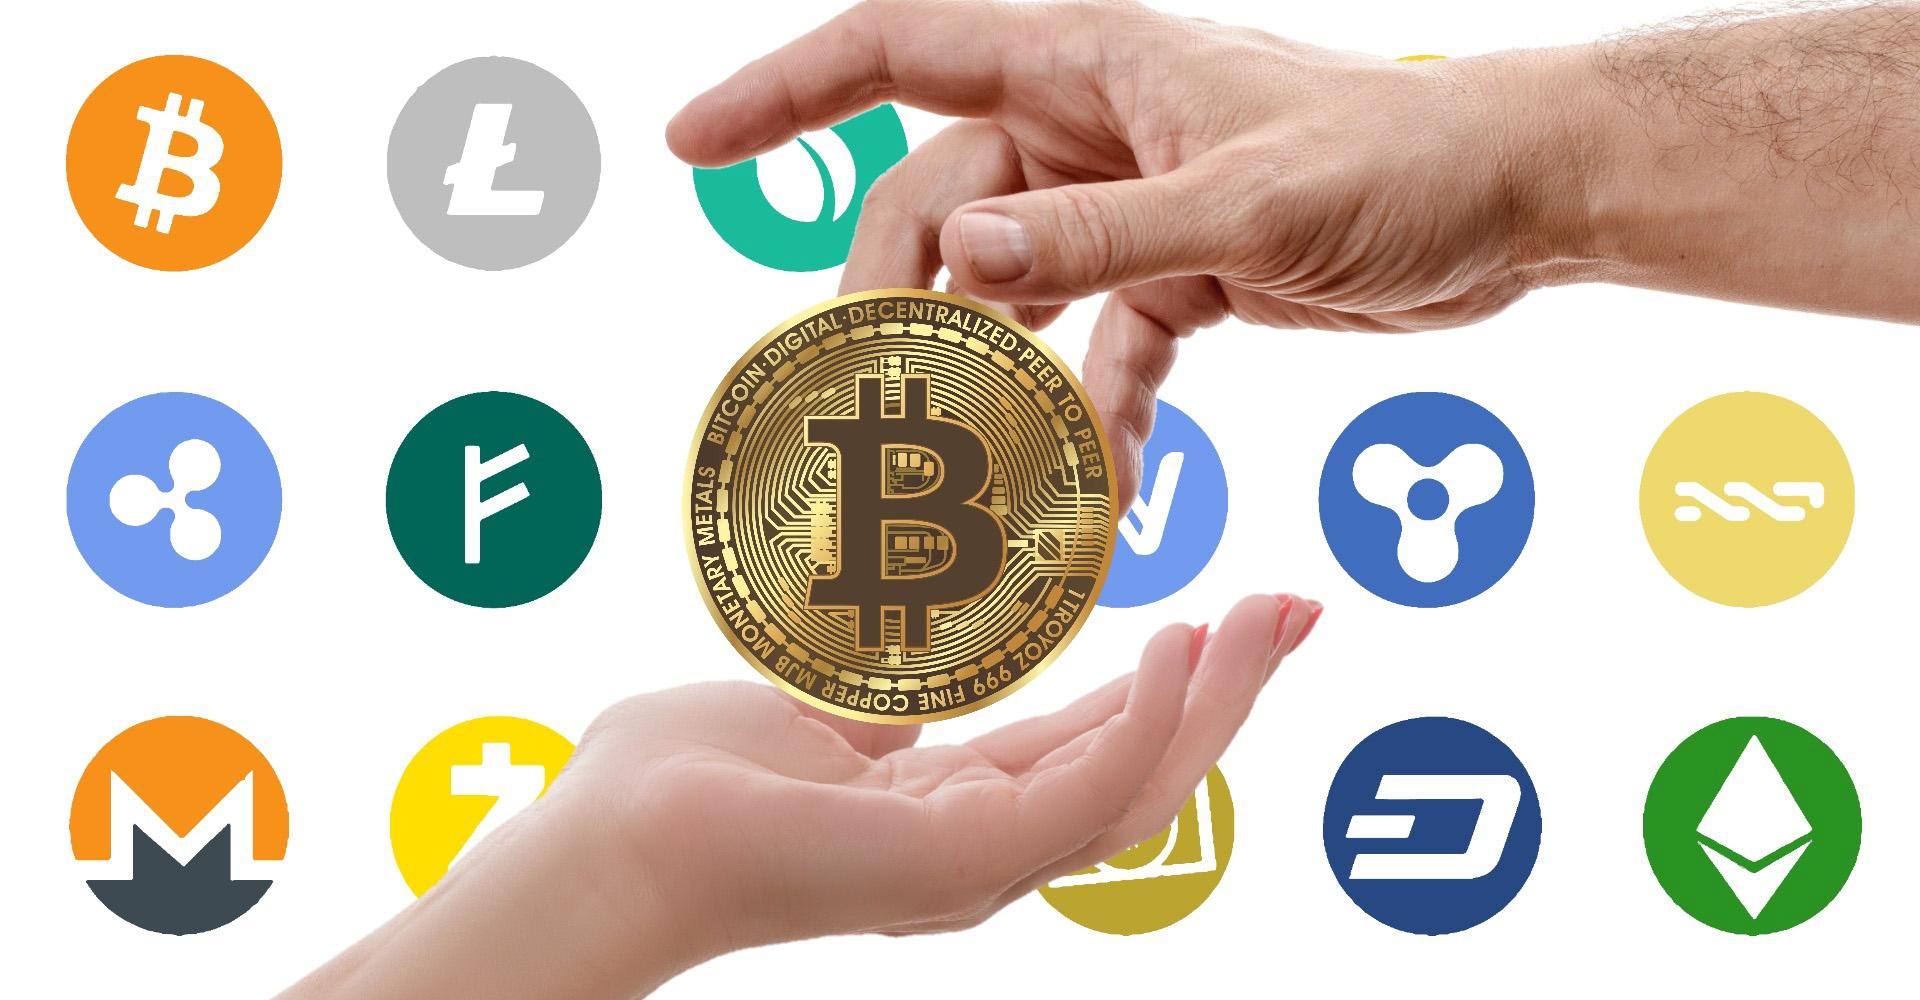 investissement décentralisé en crypto-monnaie